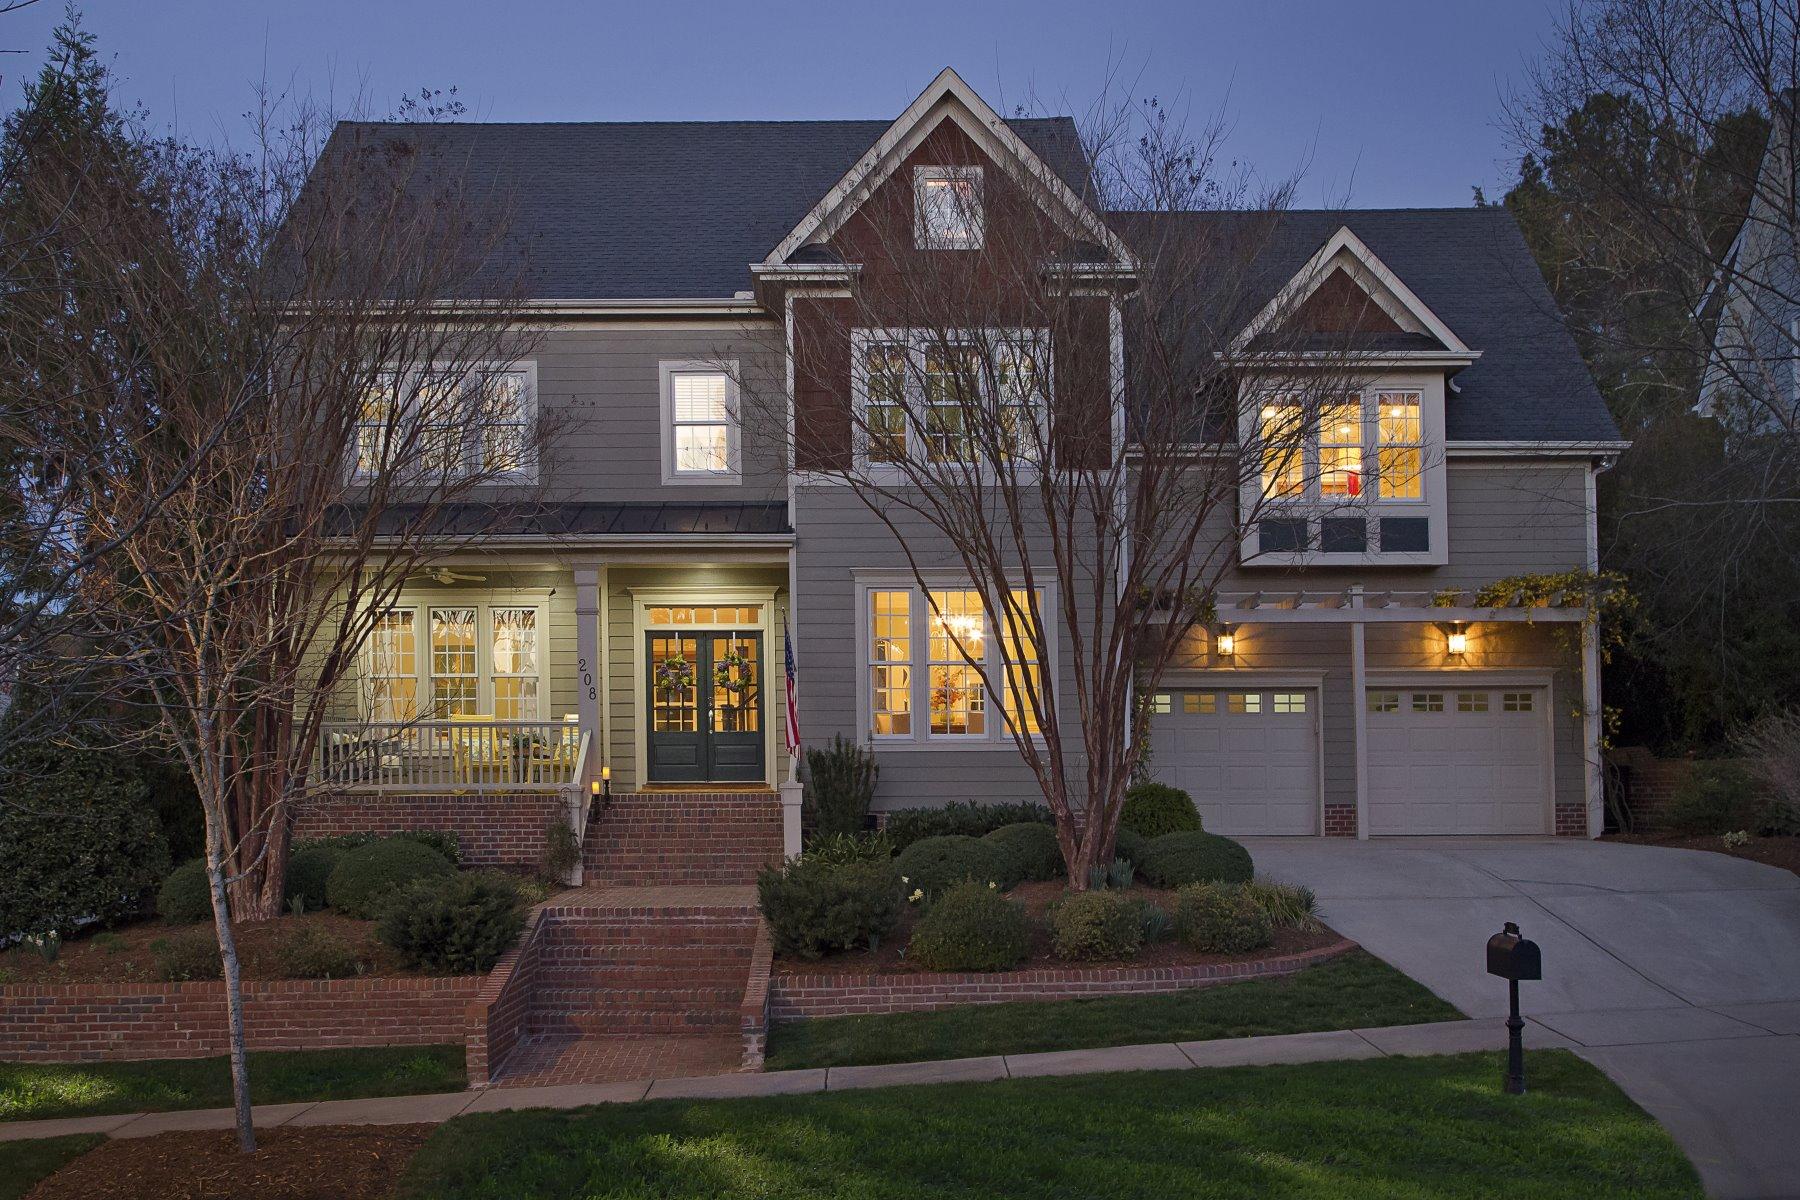 独户住宅 为 销售 在 The Very Height of Meadowmont Living 208 Falkner Drive 沙佩尔山, 北卡罗来纳州, 27517 美国